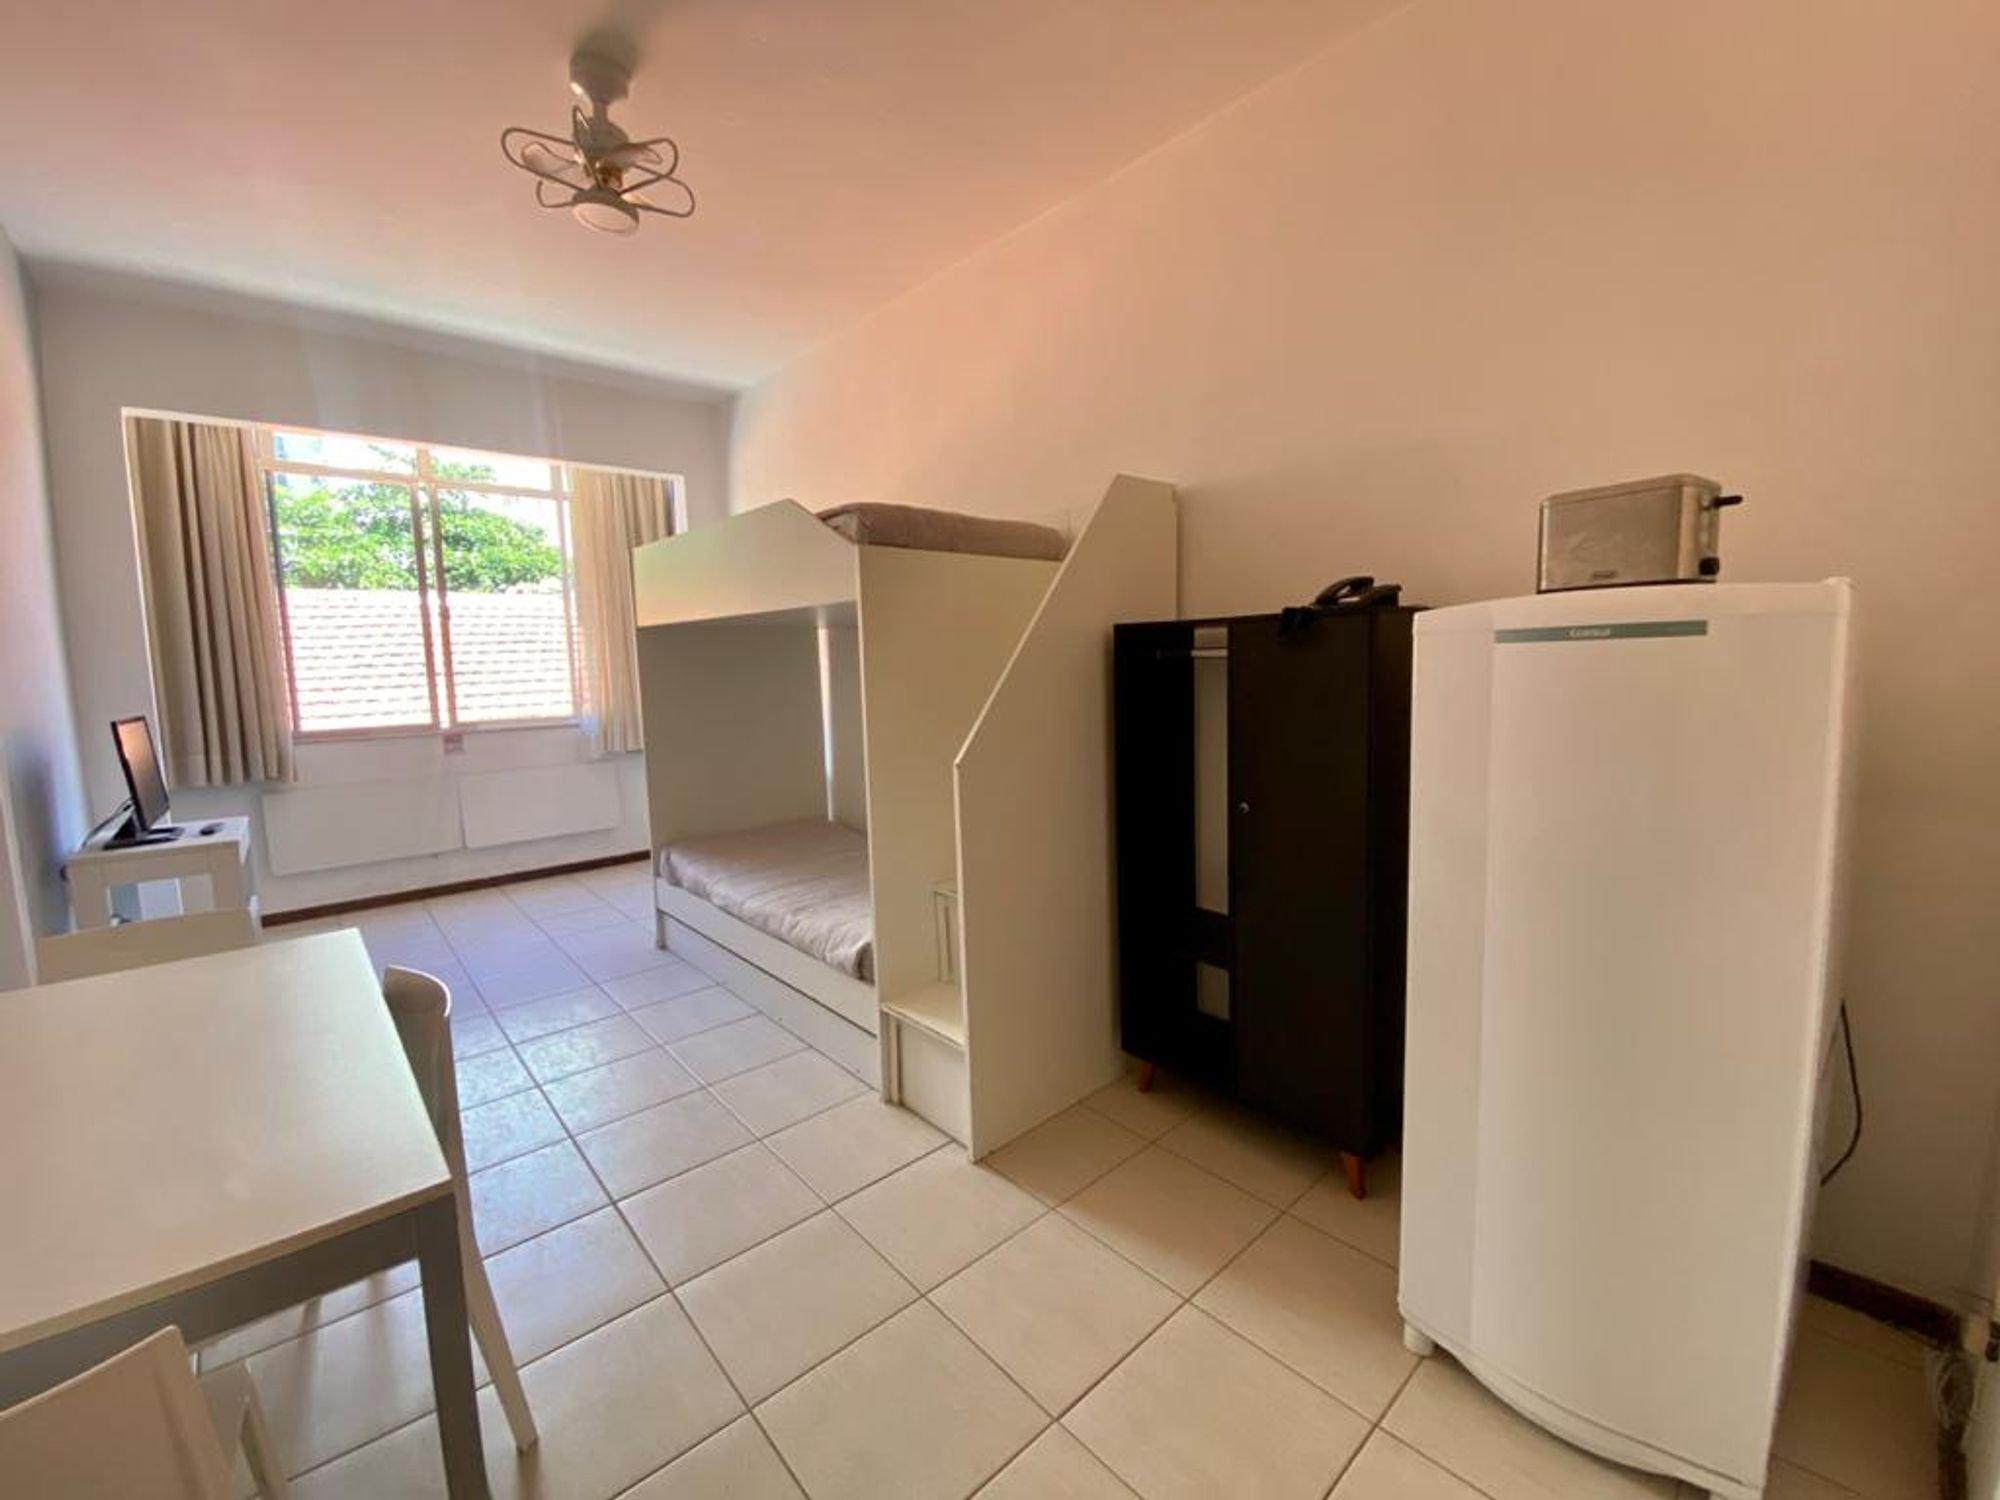 Foto de Sala com geladeira, mesa de jantar